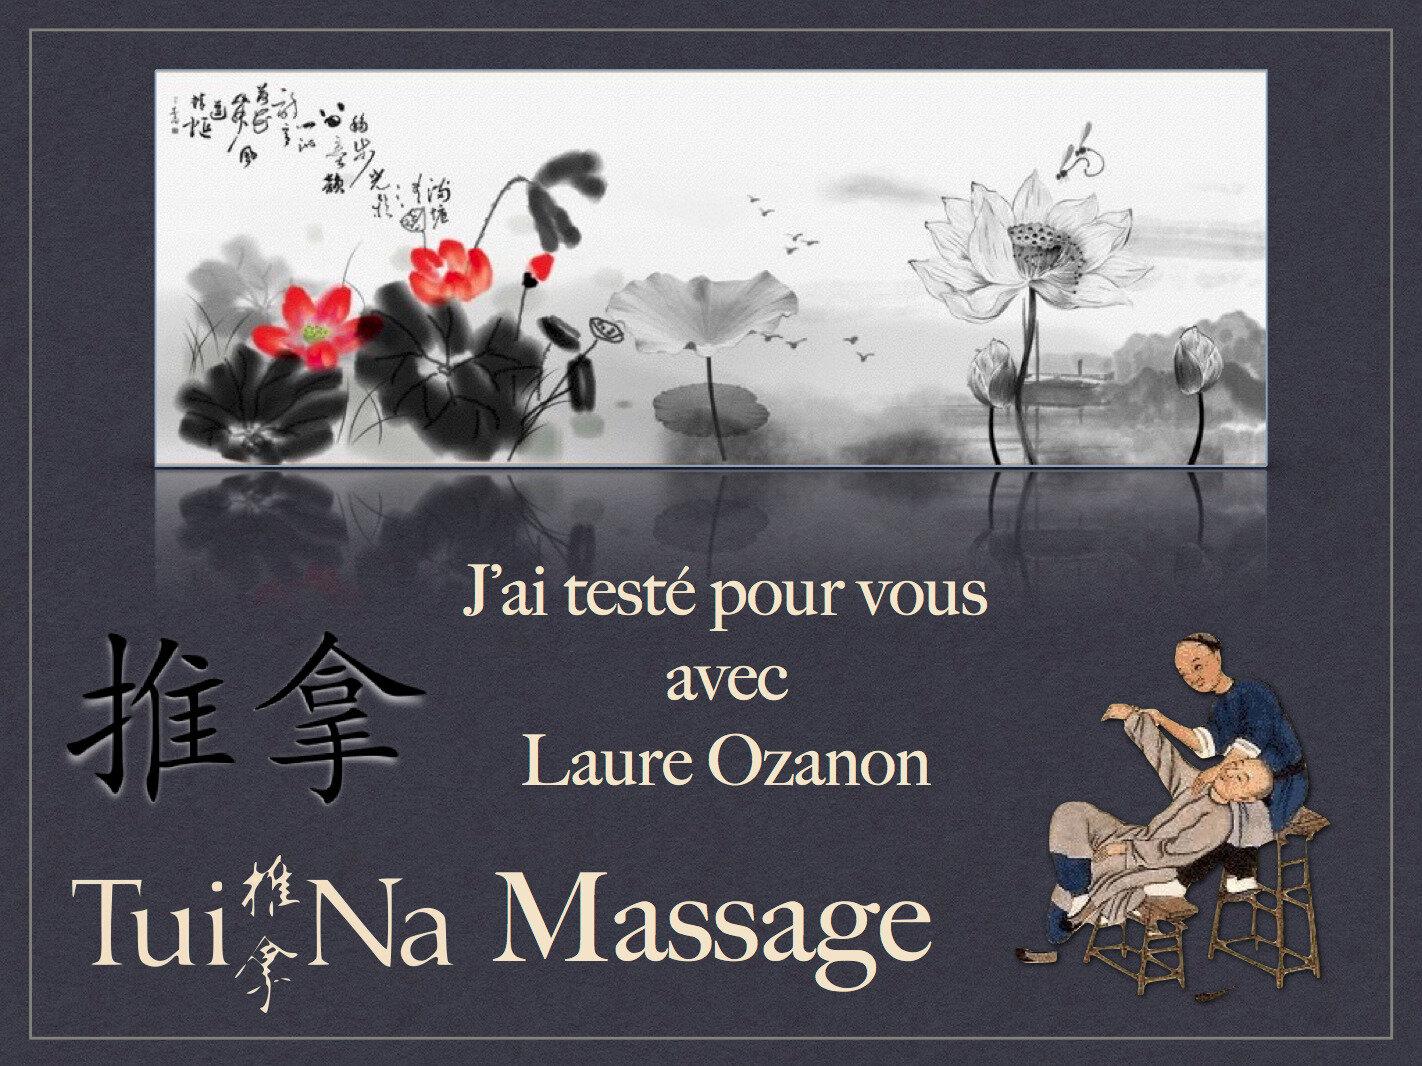 J'ai testé pour vous... Tuina Massage